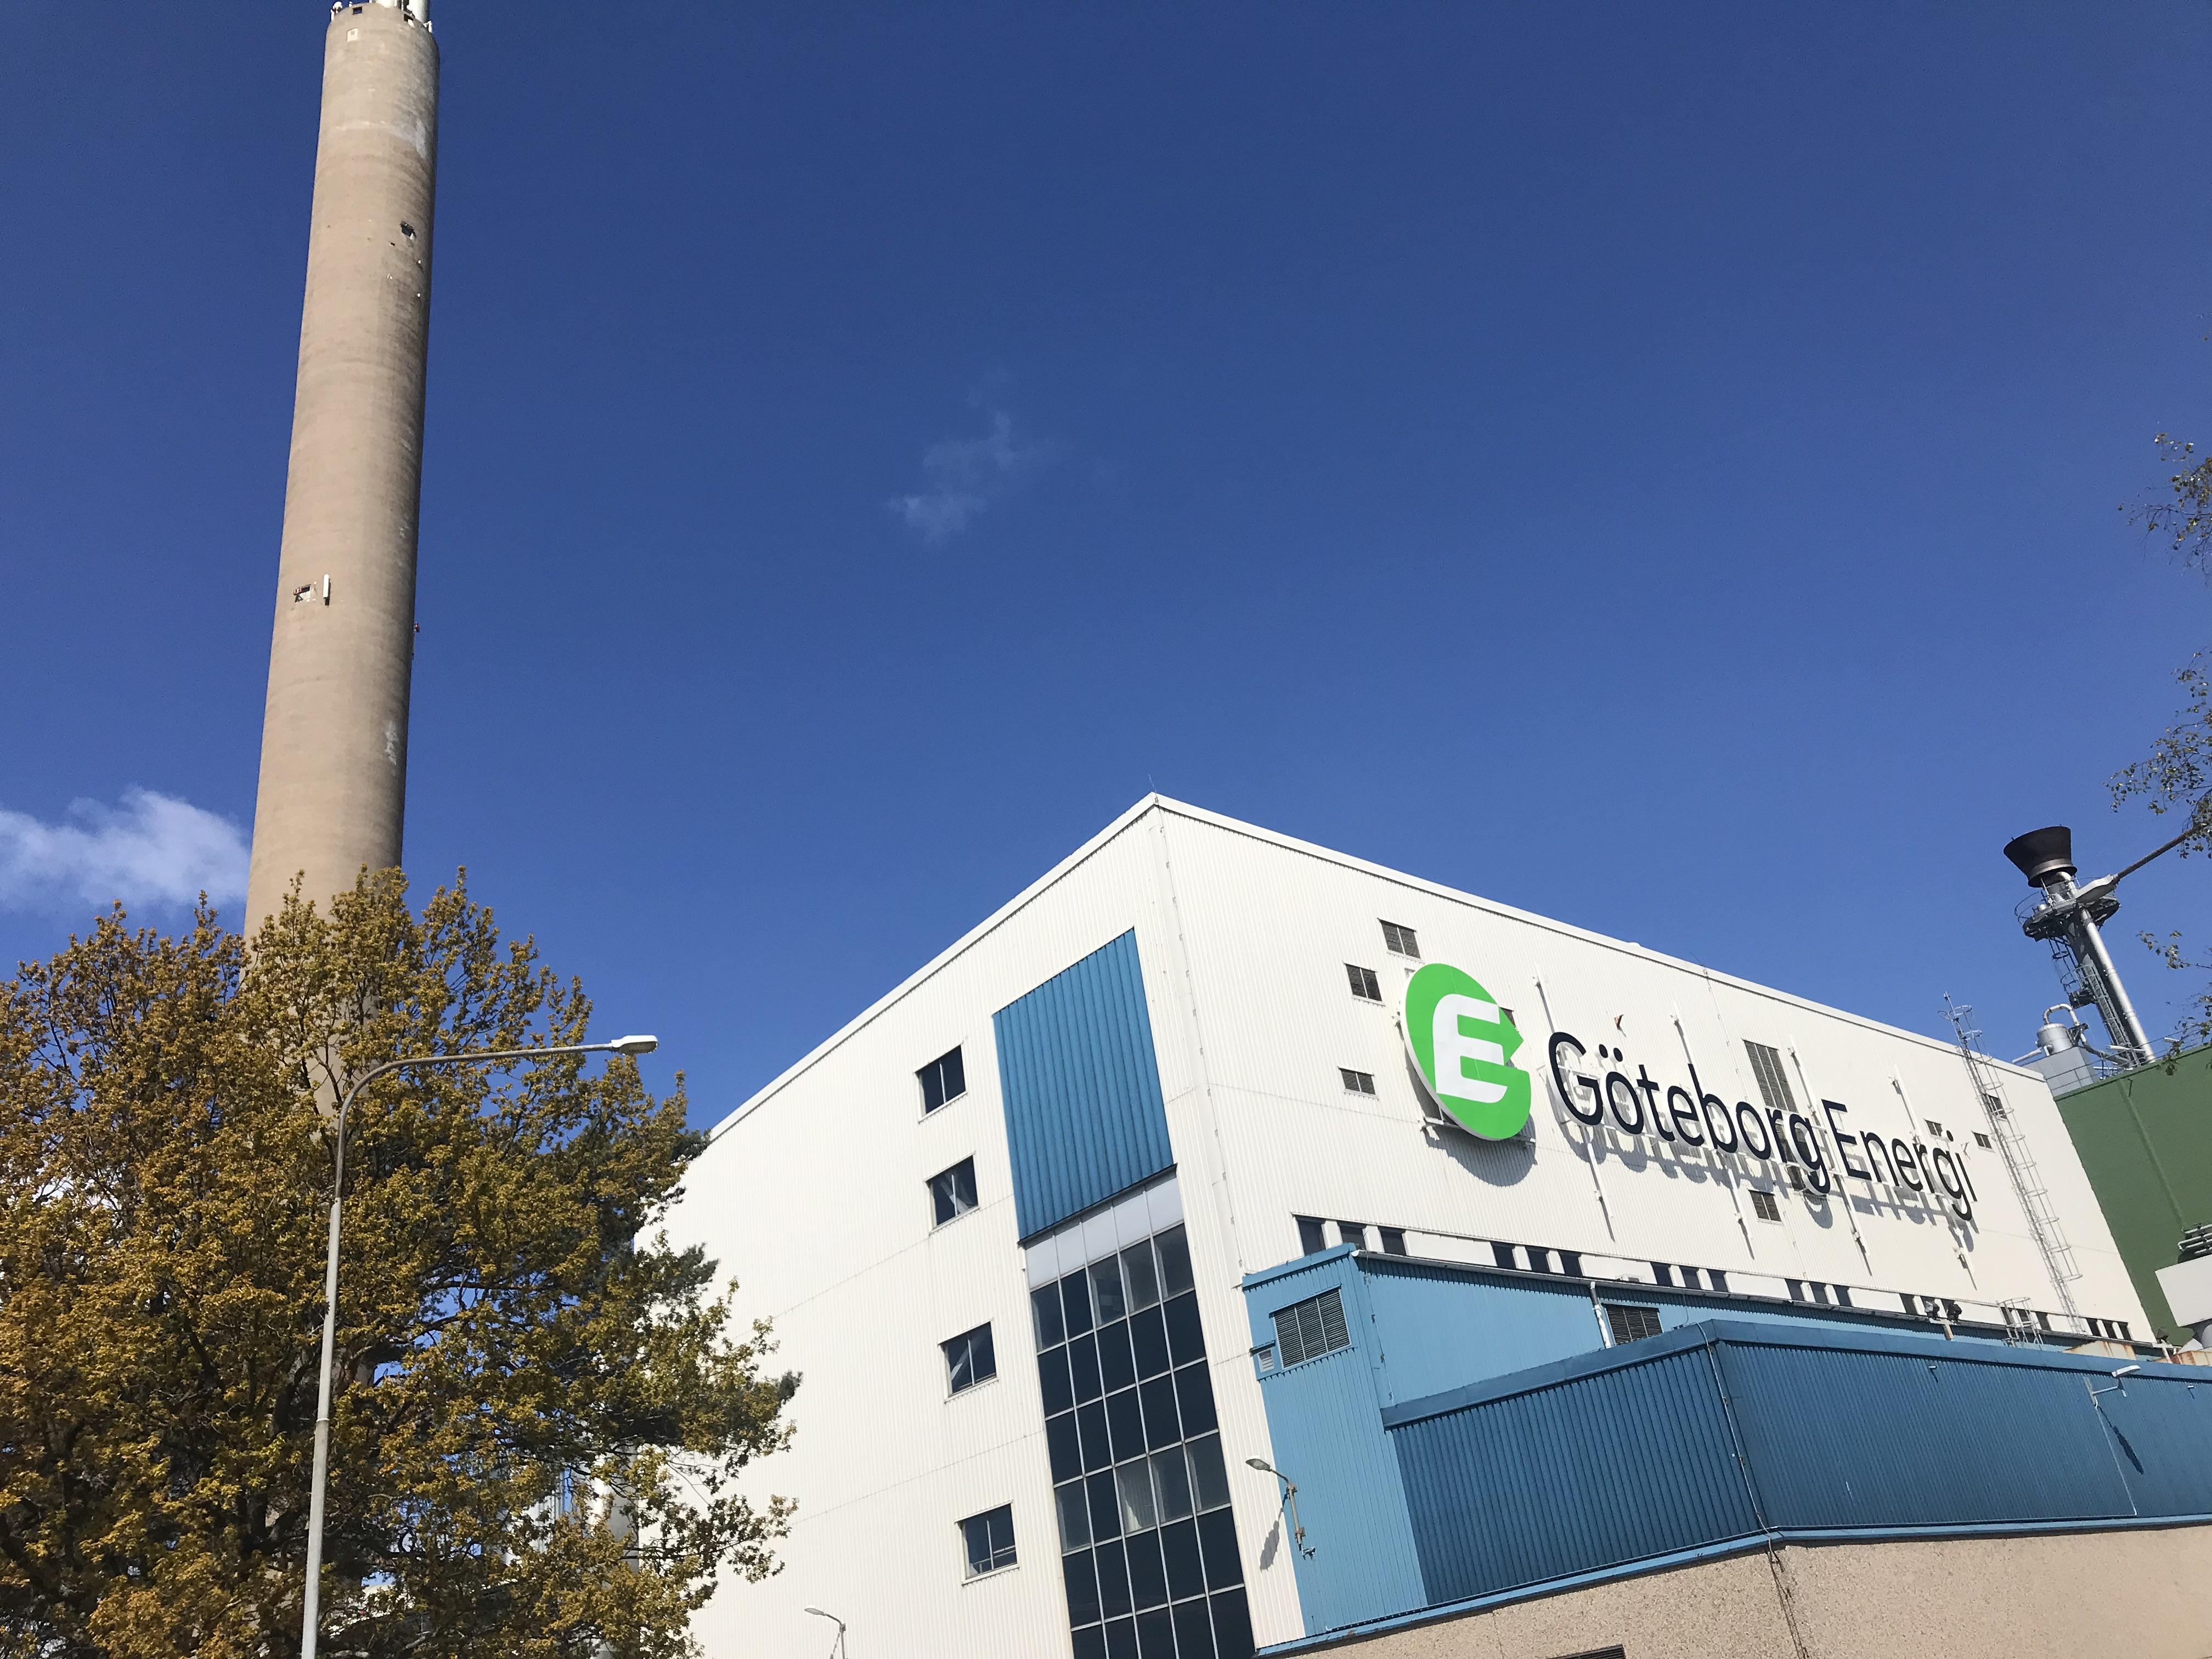 Valmet toimittaa kokonaisen kattilalaitoksen kaukolämmön tuotantoon Göteborg Energi AB:lle Göteborgiin Ruotsiin.